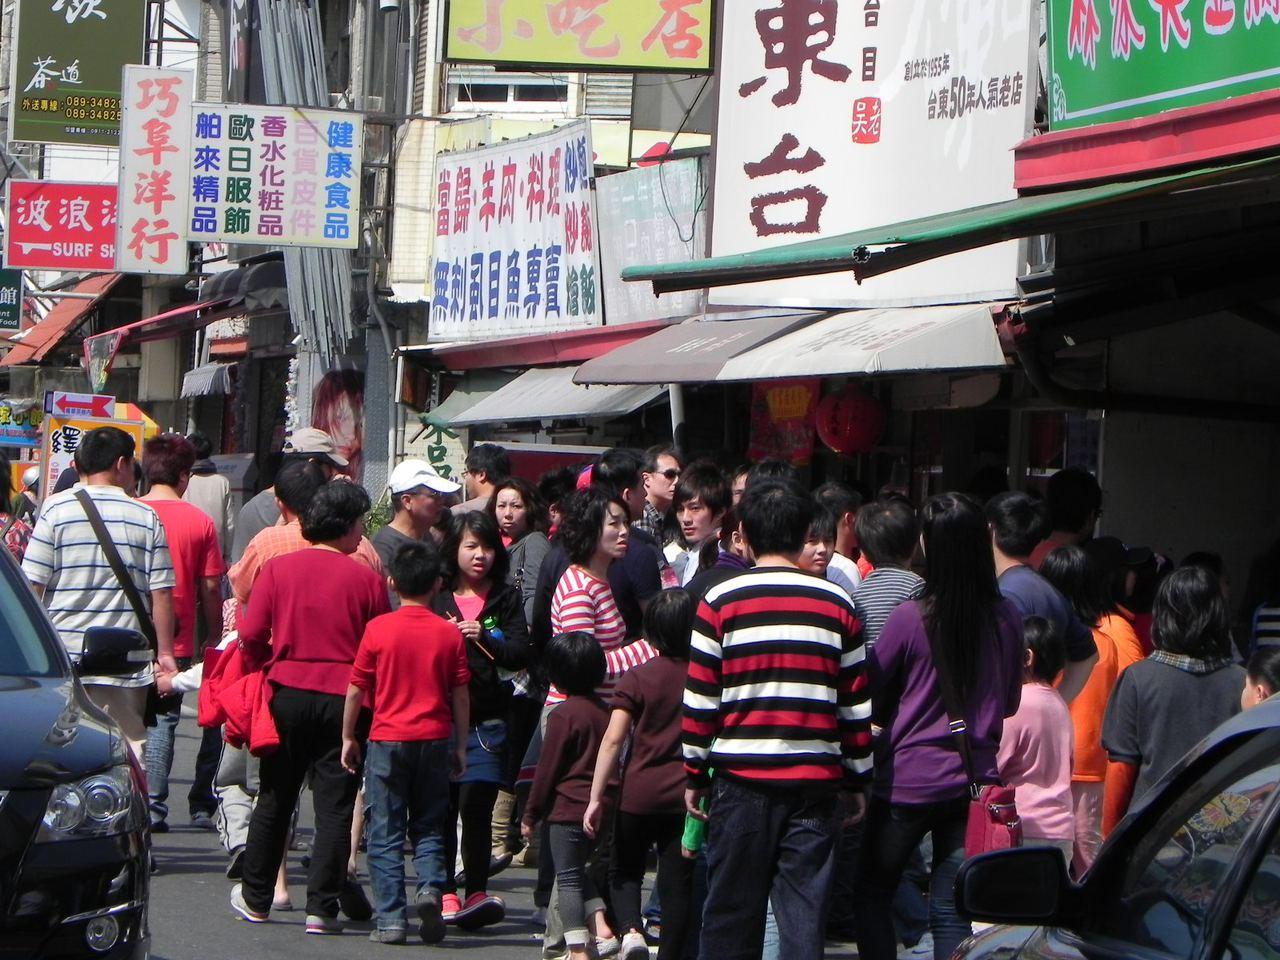 台東市正氣路「林家臭豆腐」連假常聚集大批慕名而來的外地「逐臭族」,大排長龍的人潮...